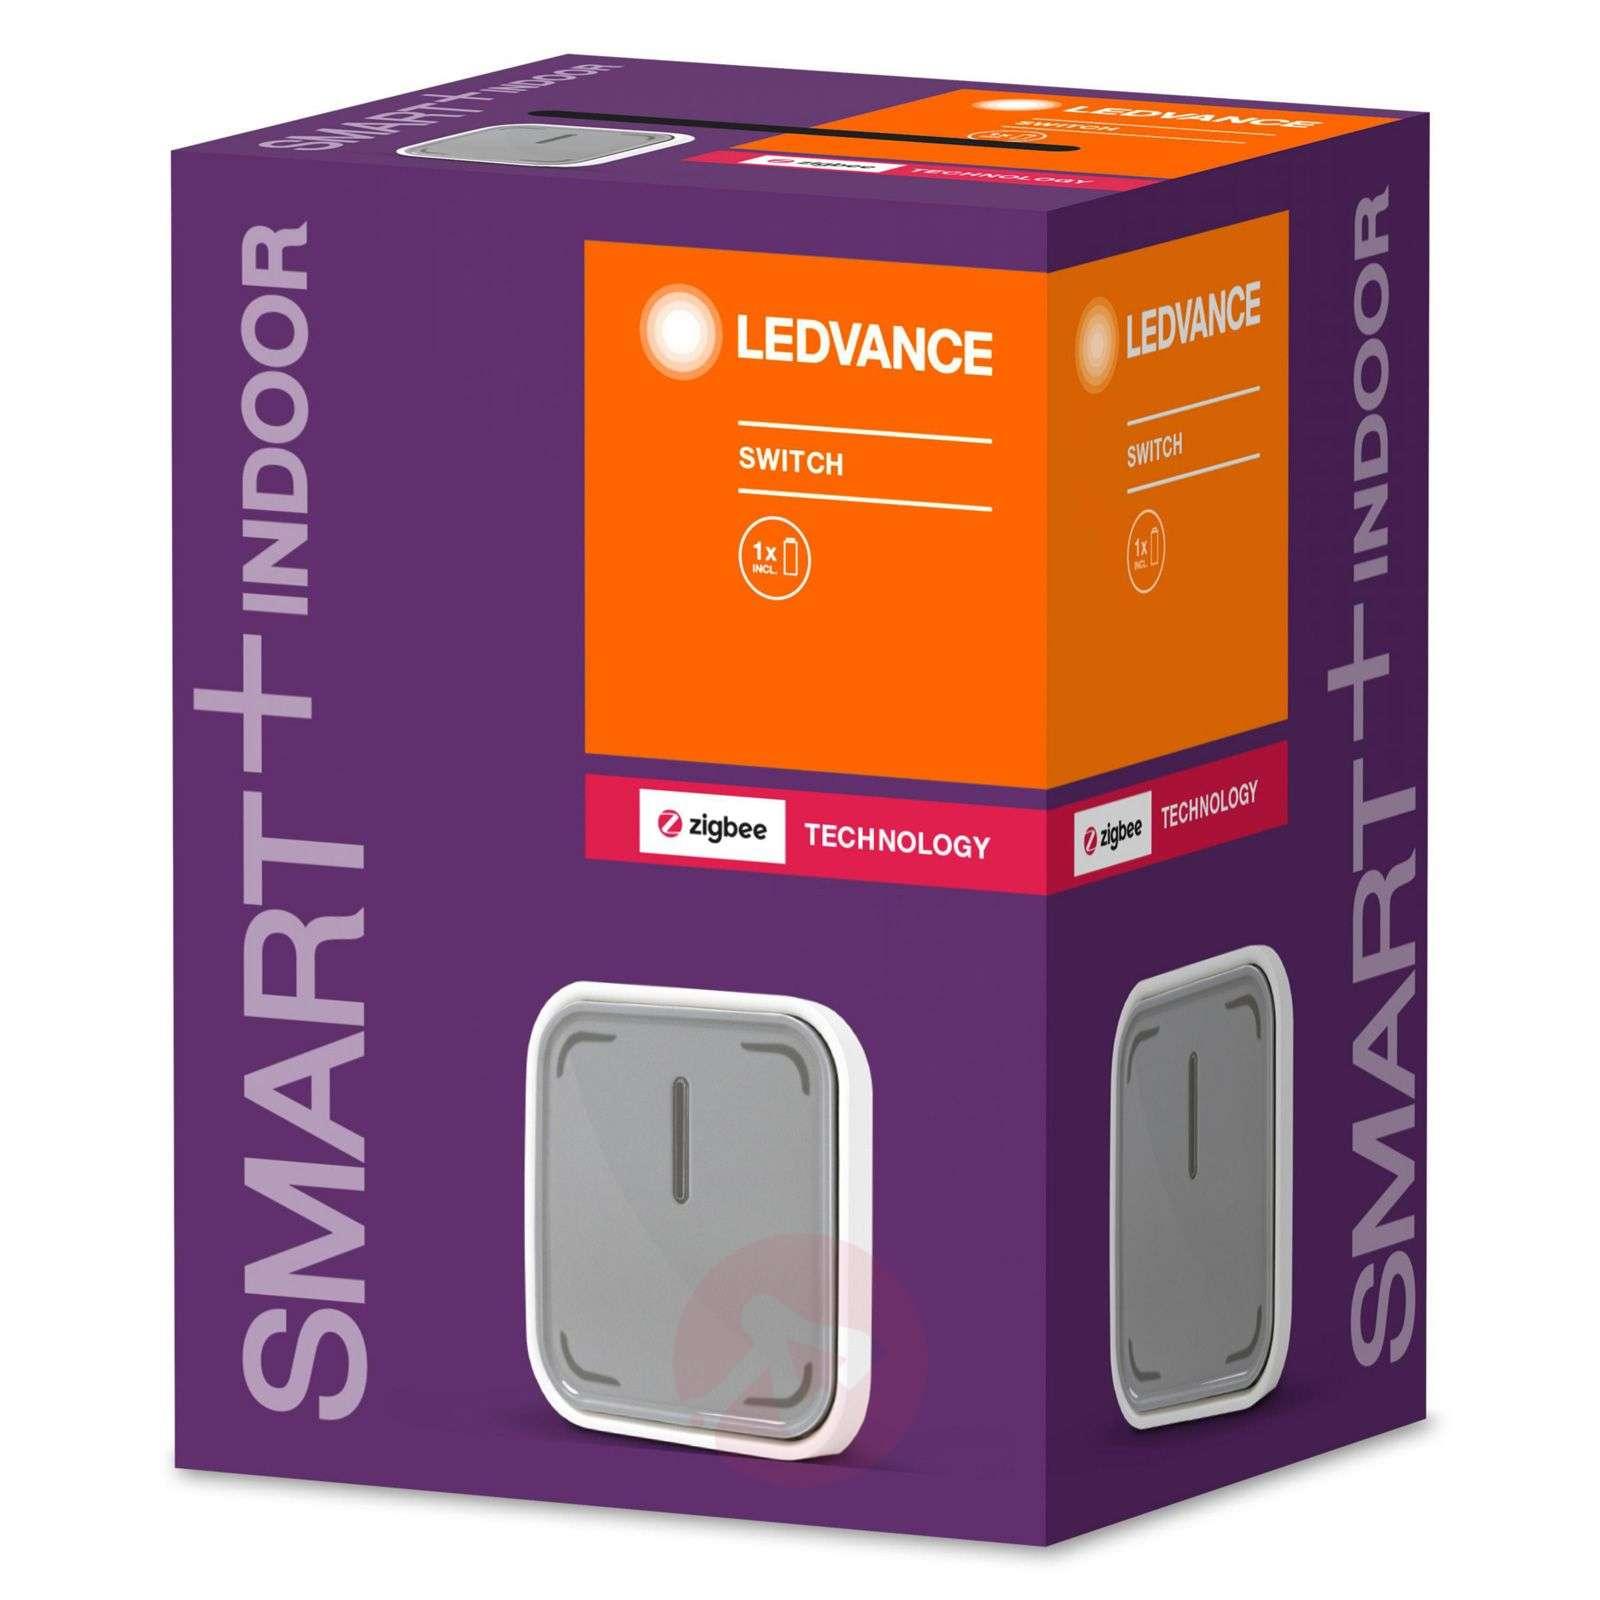 LEDVANCE SMART+ ZigBee Switch, langaton painike-6106224-02